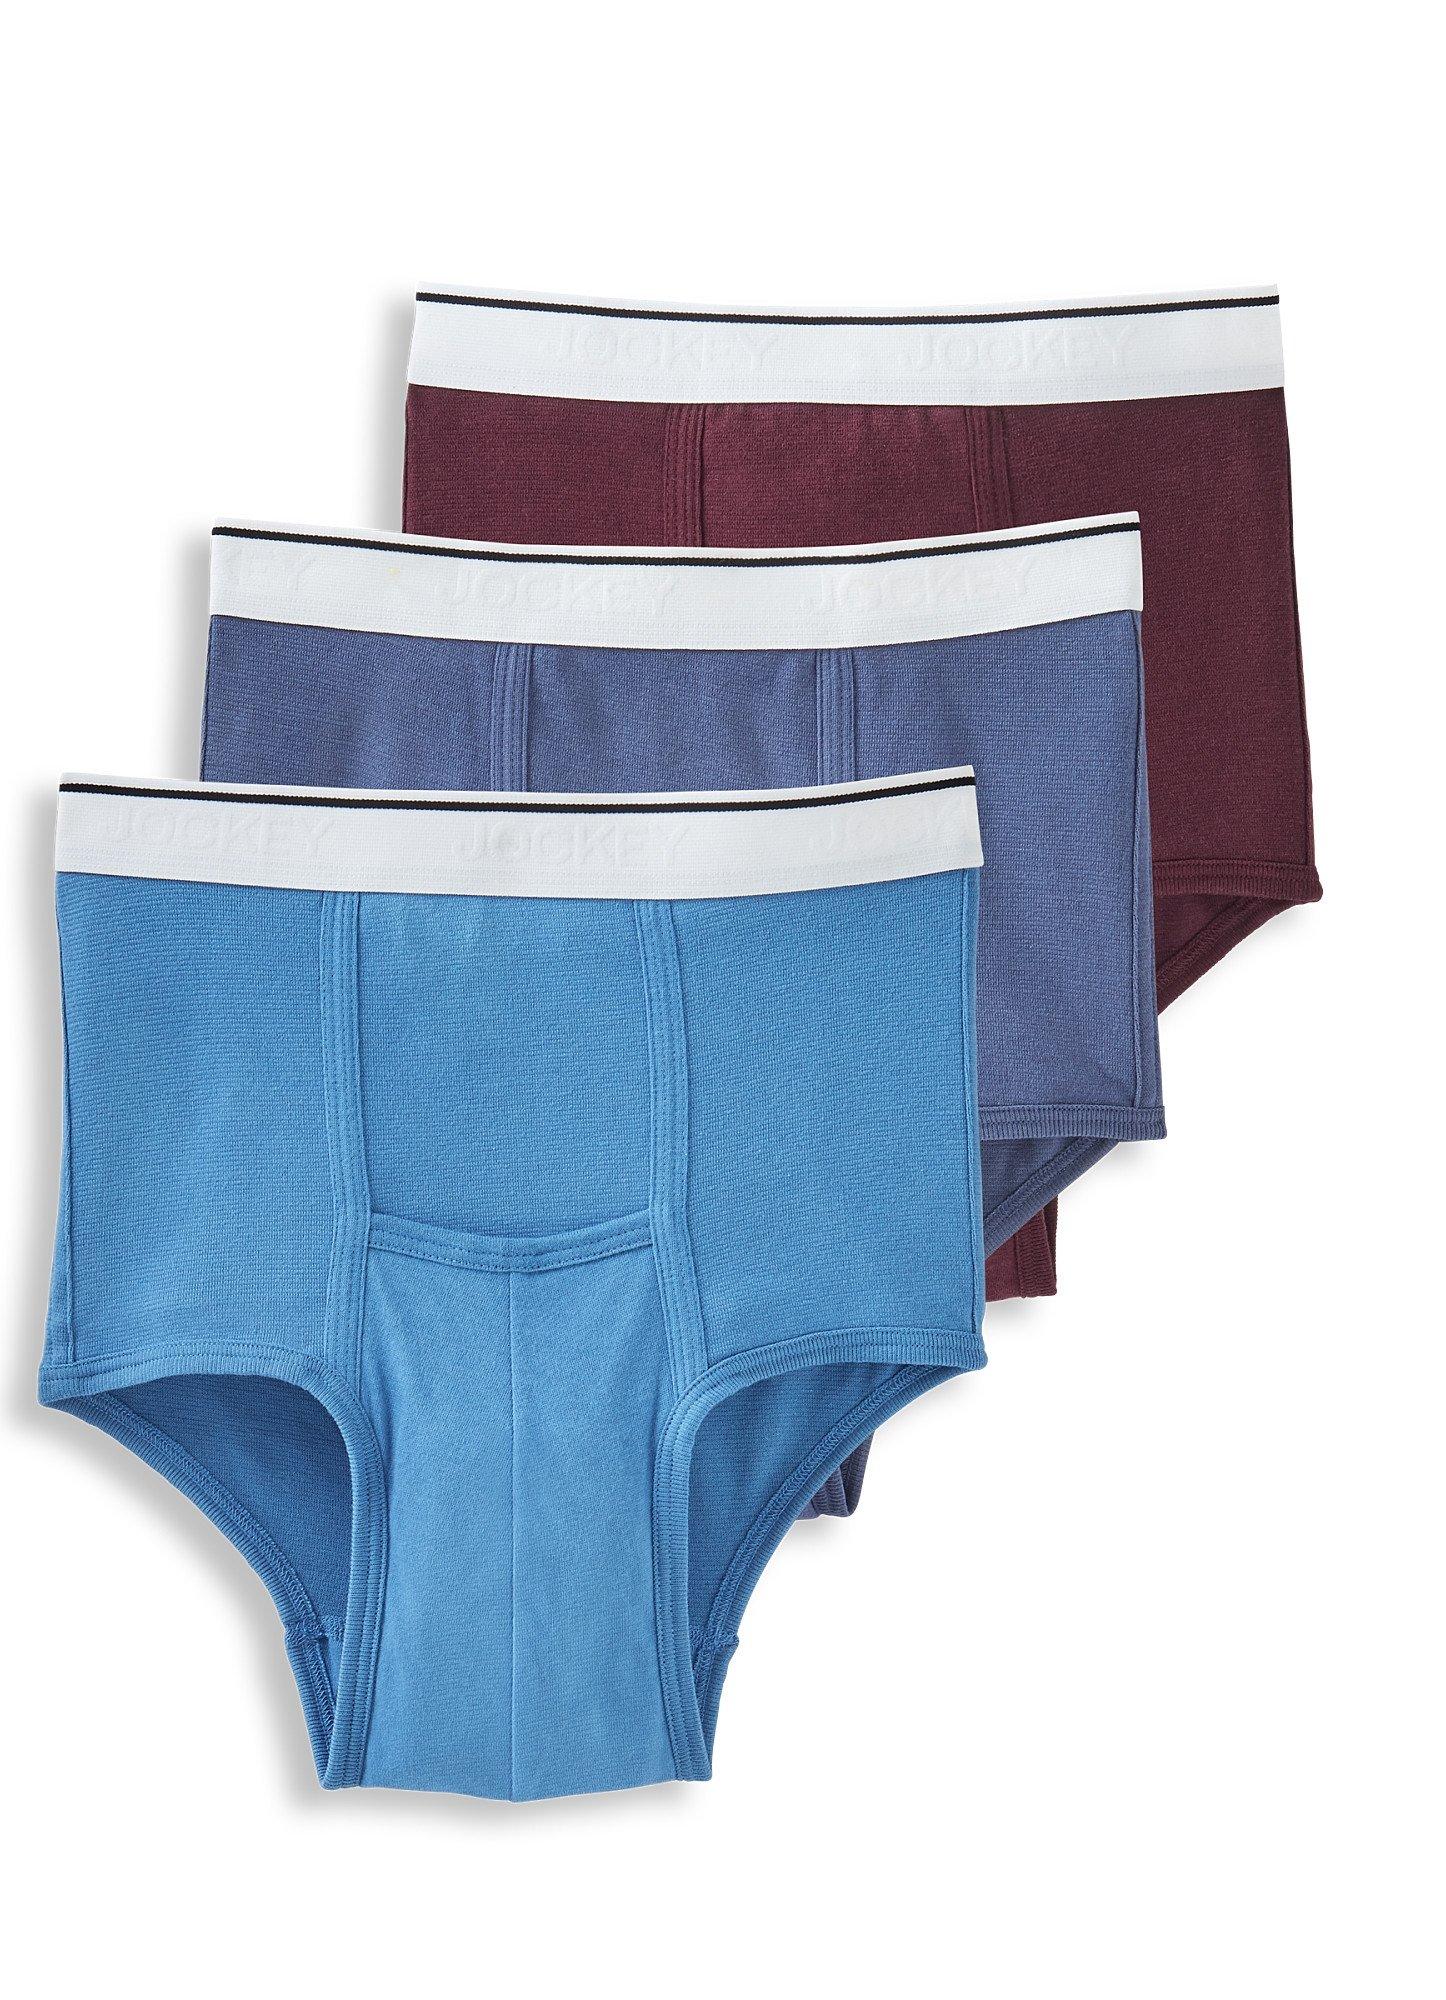 Jockey Men's Underwear Pouch Brief - 3 Pack, Air Force/Blue Wash/Deep Aubergine, XL